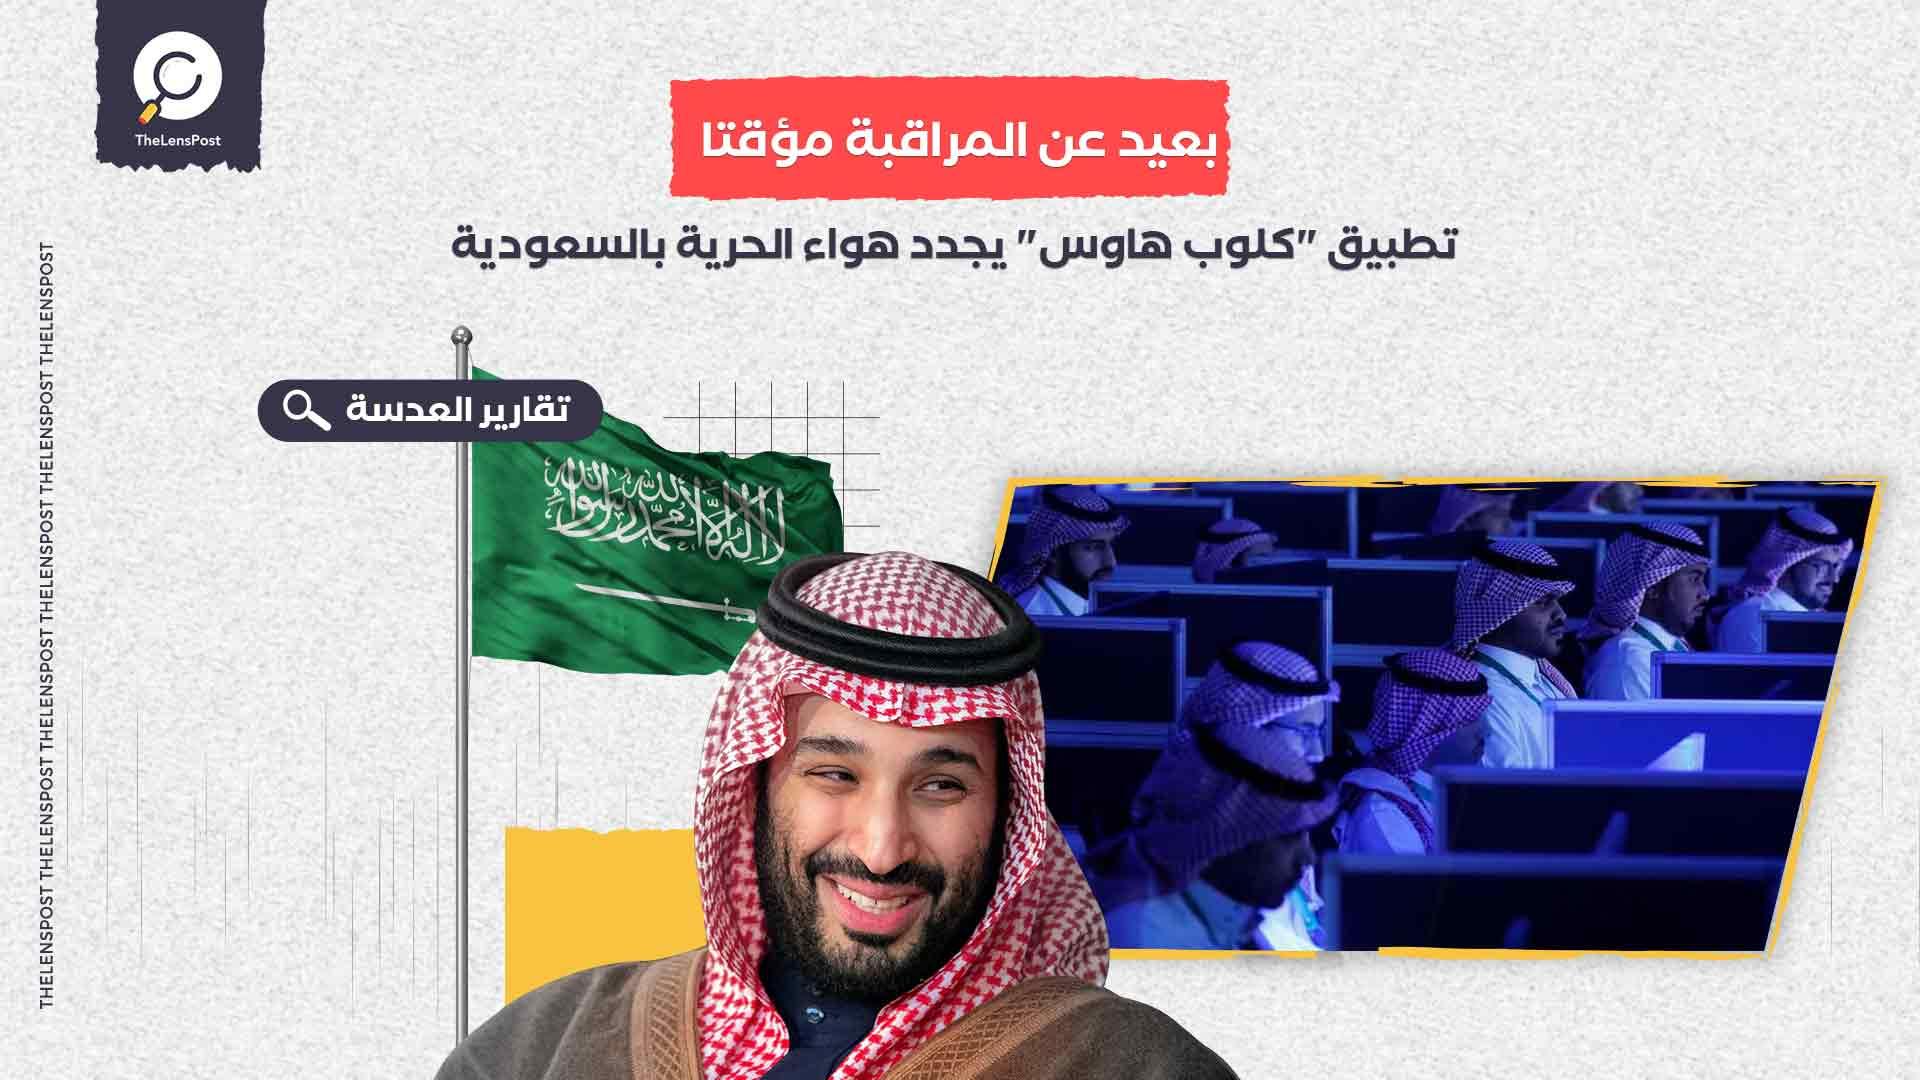 """بعيد عن المراقبة مؤقتا.. تطبيق """"كلوب هاوس"""" يجدد هواء الحرية بالسعودية"""